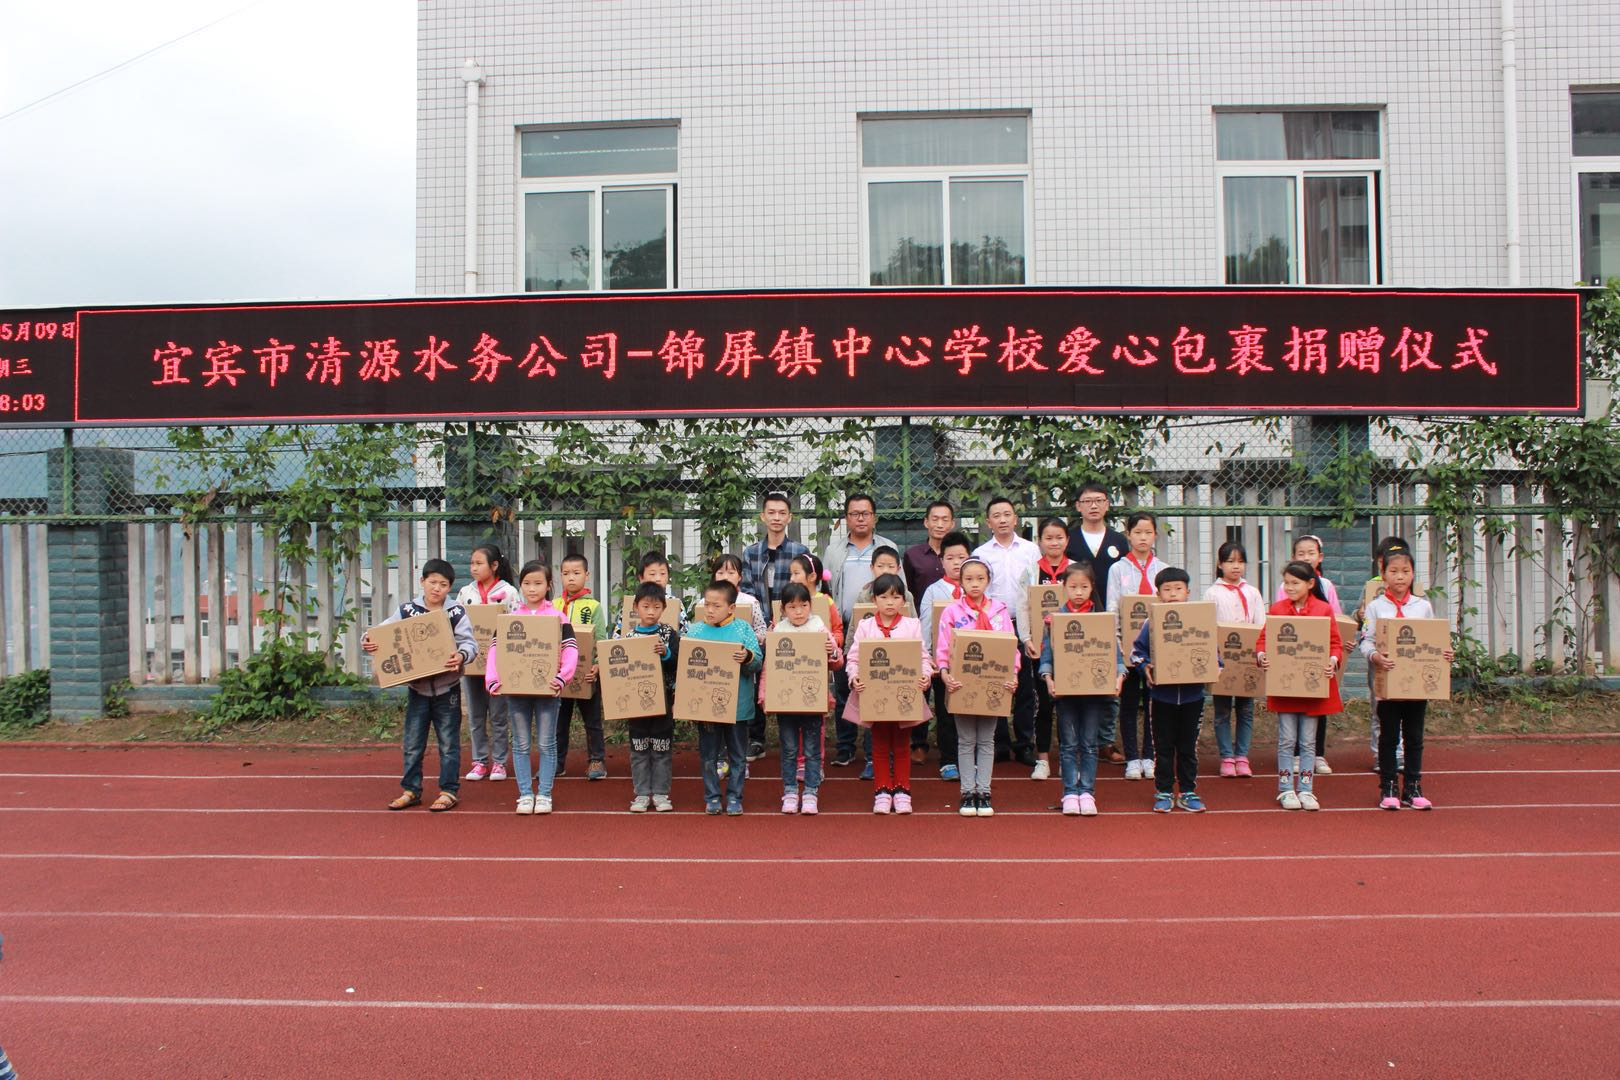 清源水务集团前往屏山县锦屏镇开展扶贫工作